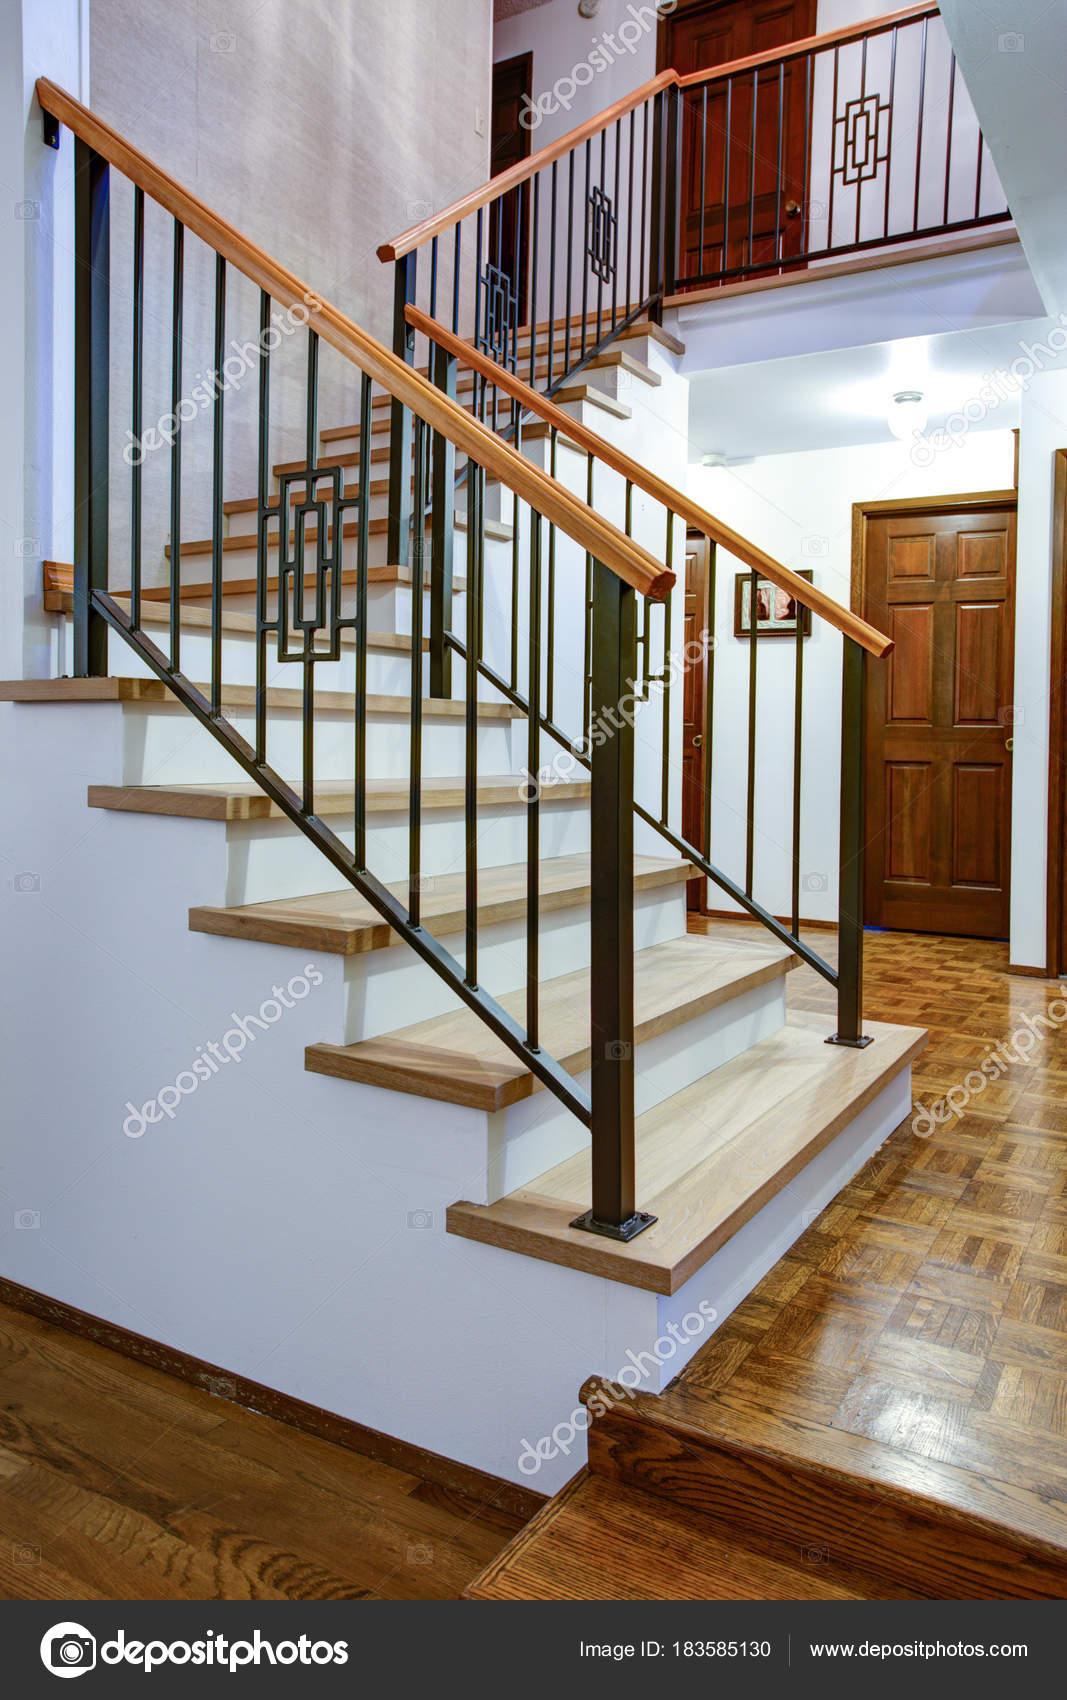 Entrée De Maison Avec Marche intérieur de maison de luxe avec vue sur le hall d'entrée